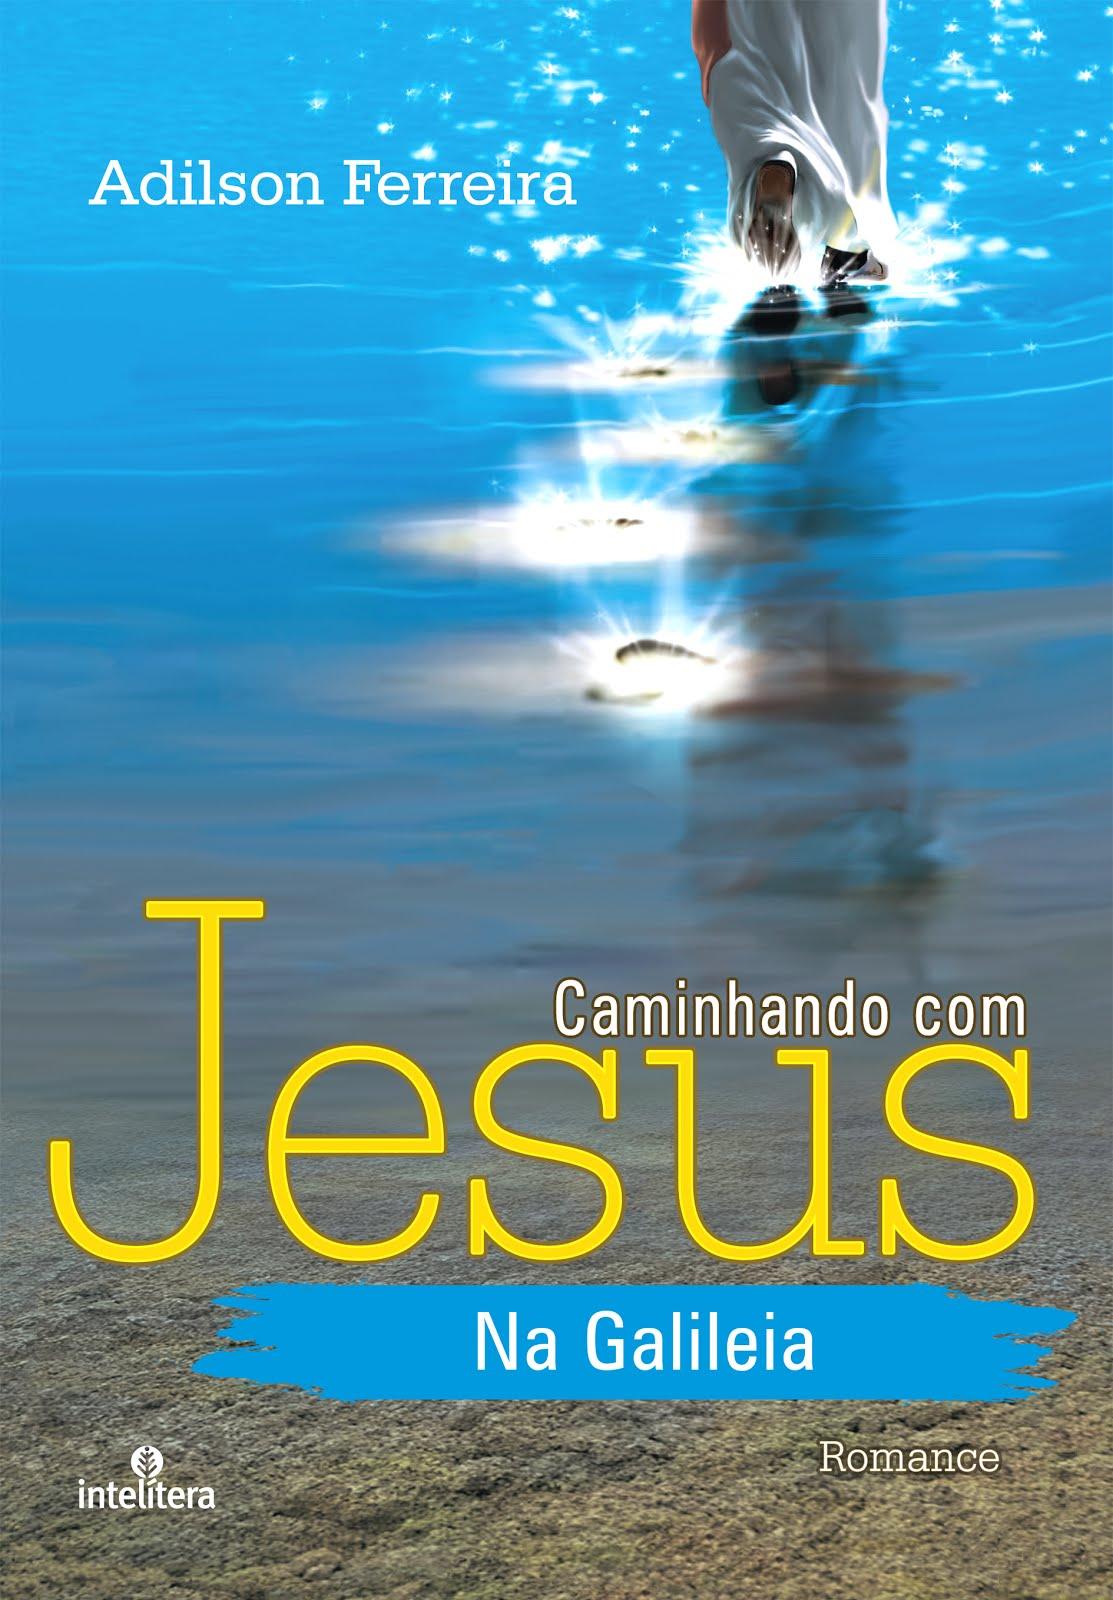 Caminhando com Jesus na Galileia